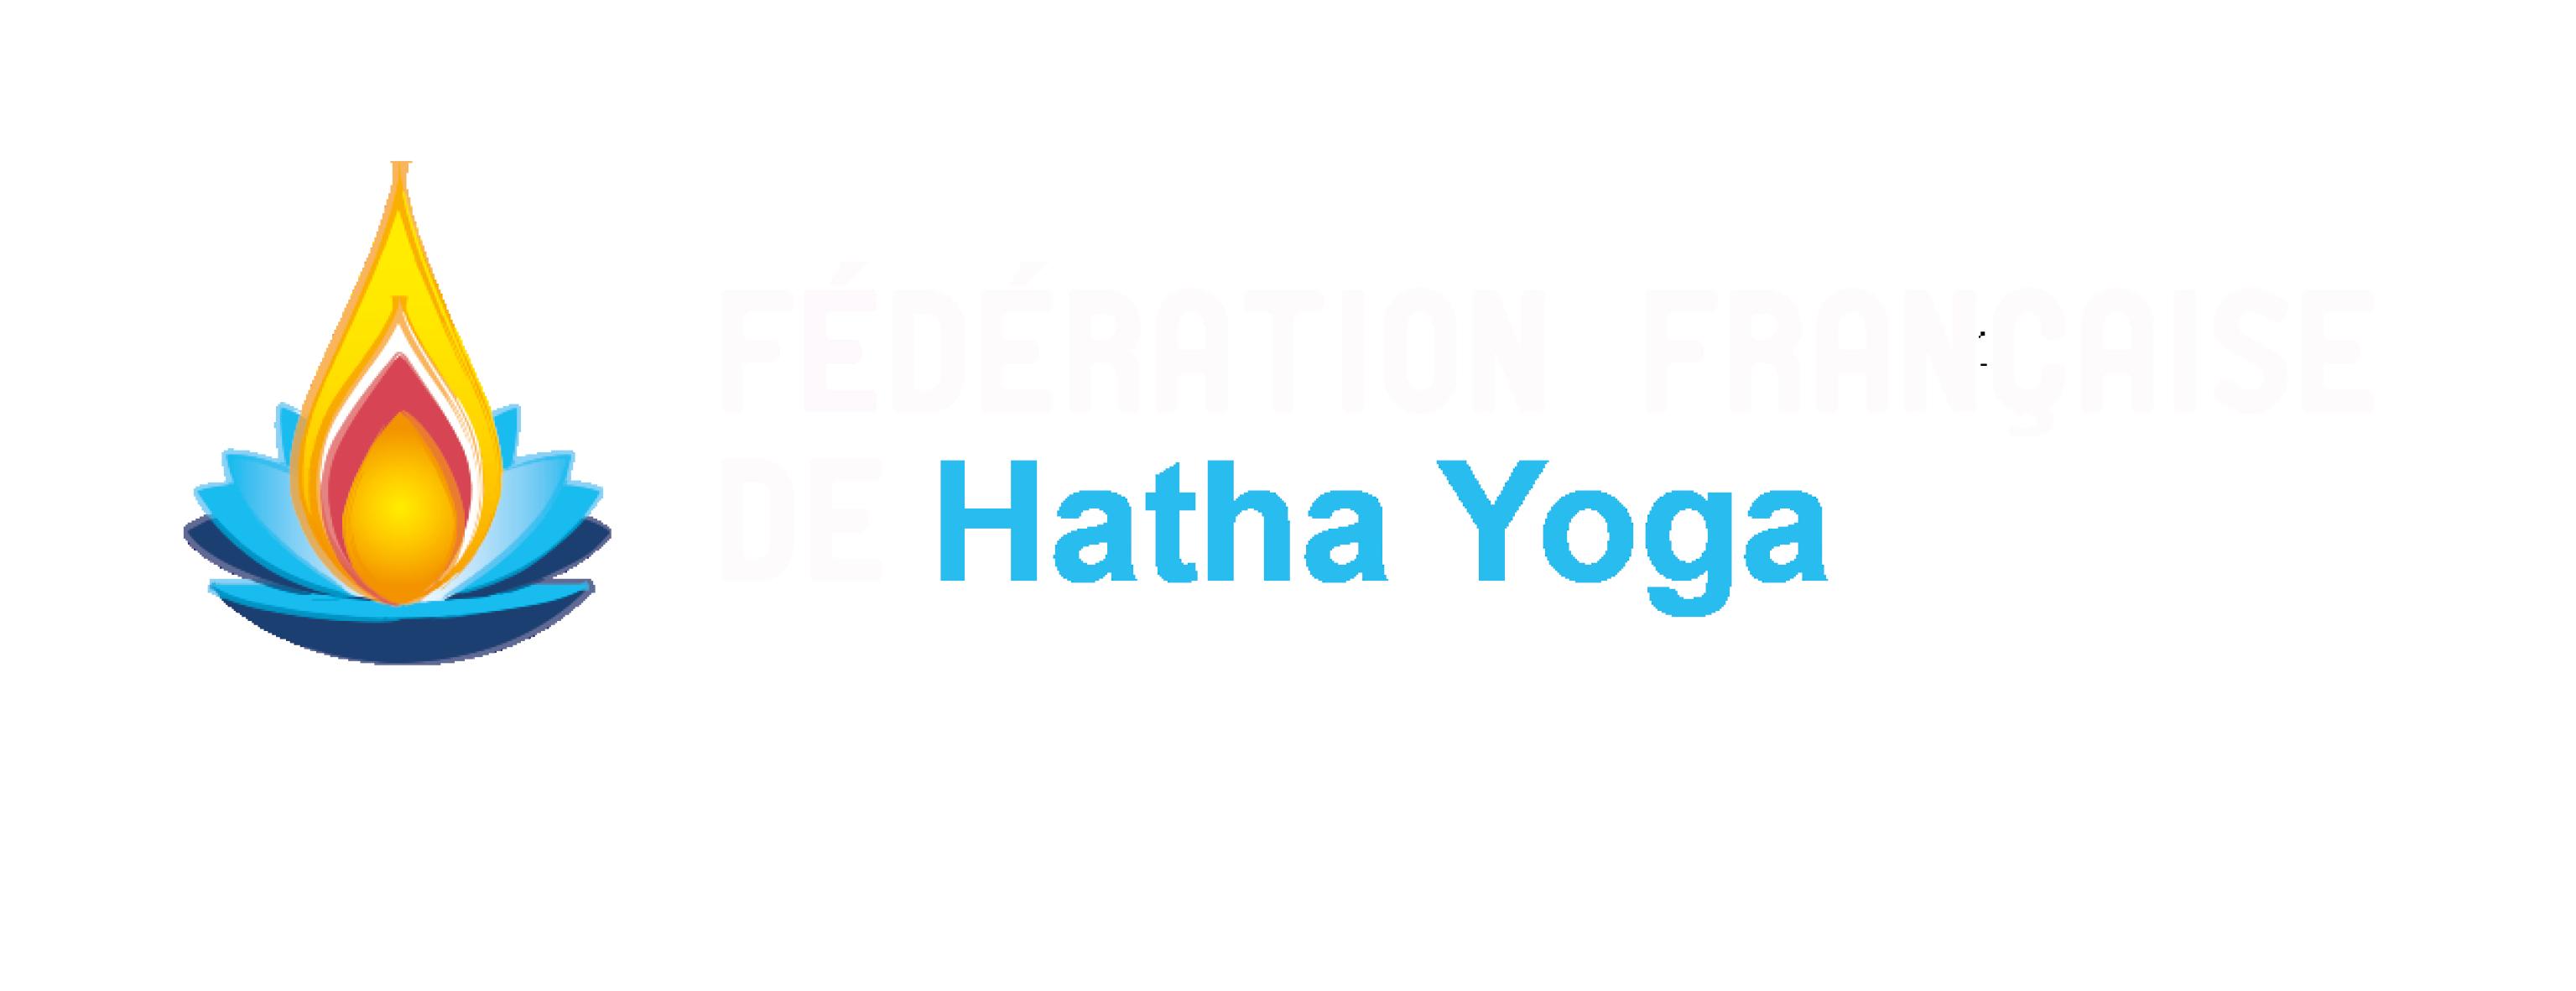 Lorraine FFHY Uncategorized 259